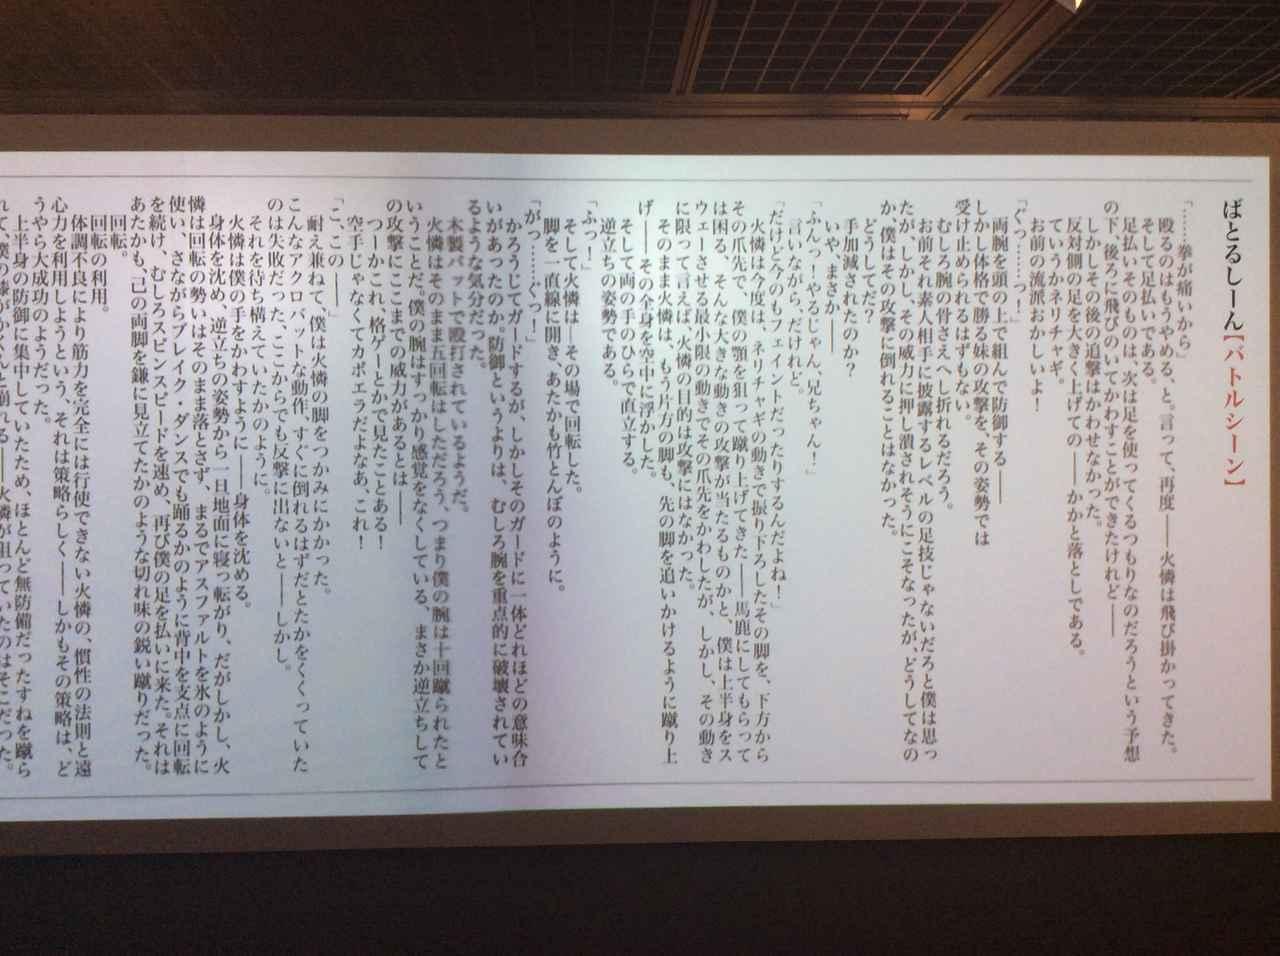 画像1: 「西尾維新大辞展〜京都篇〜」展示映像 photo©︎cinefil